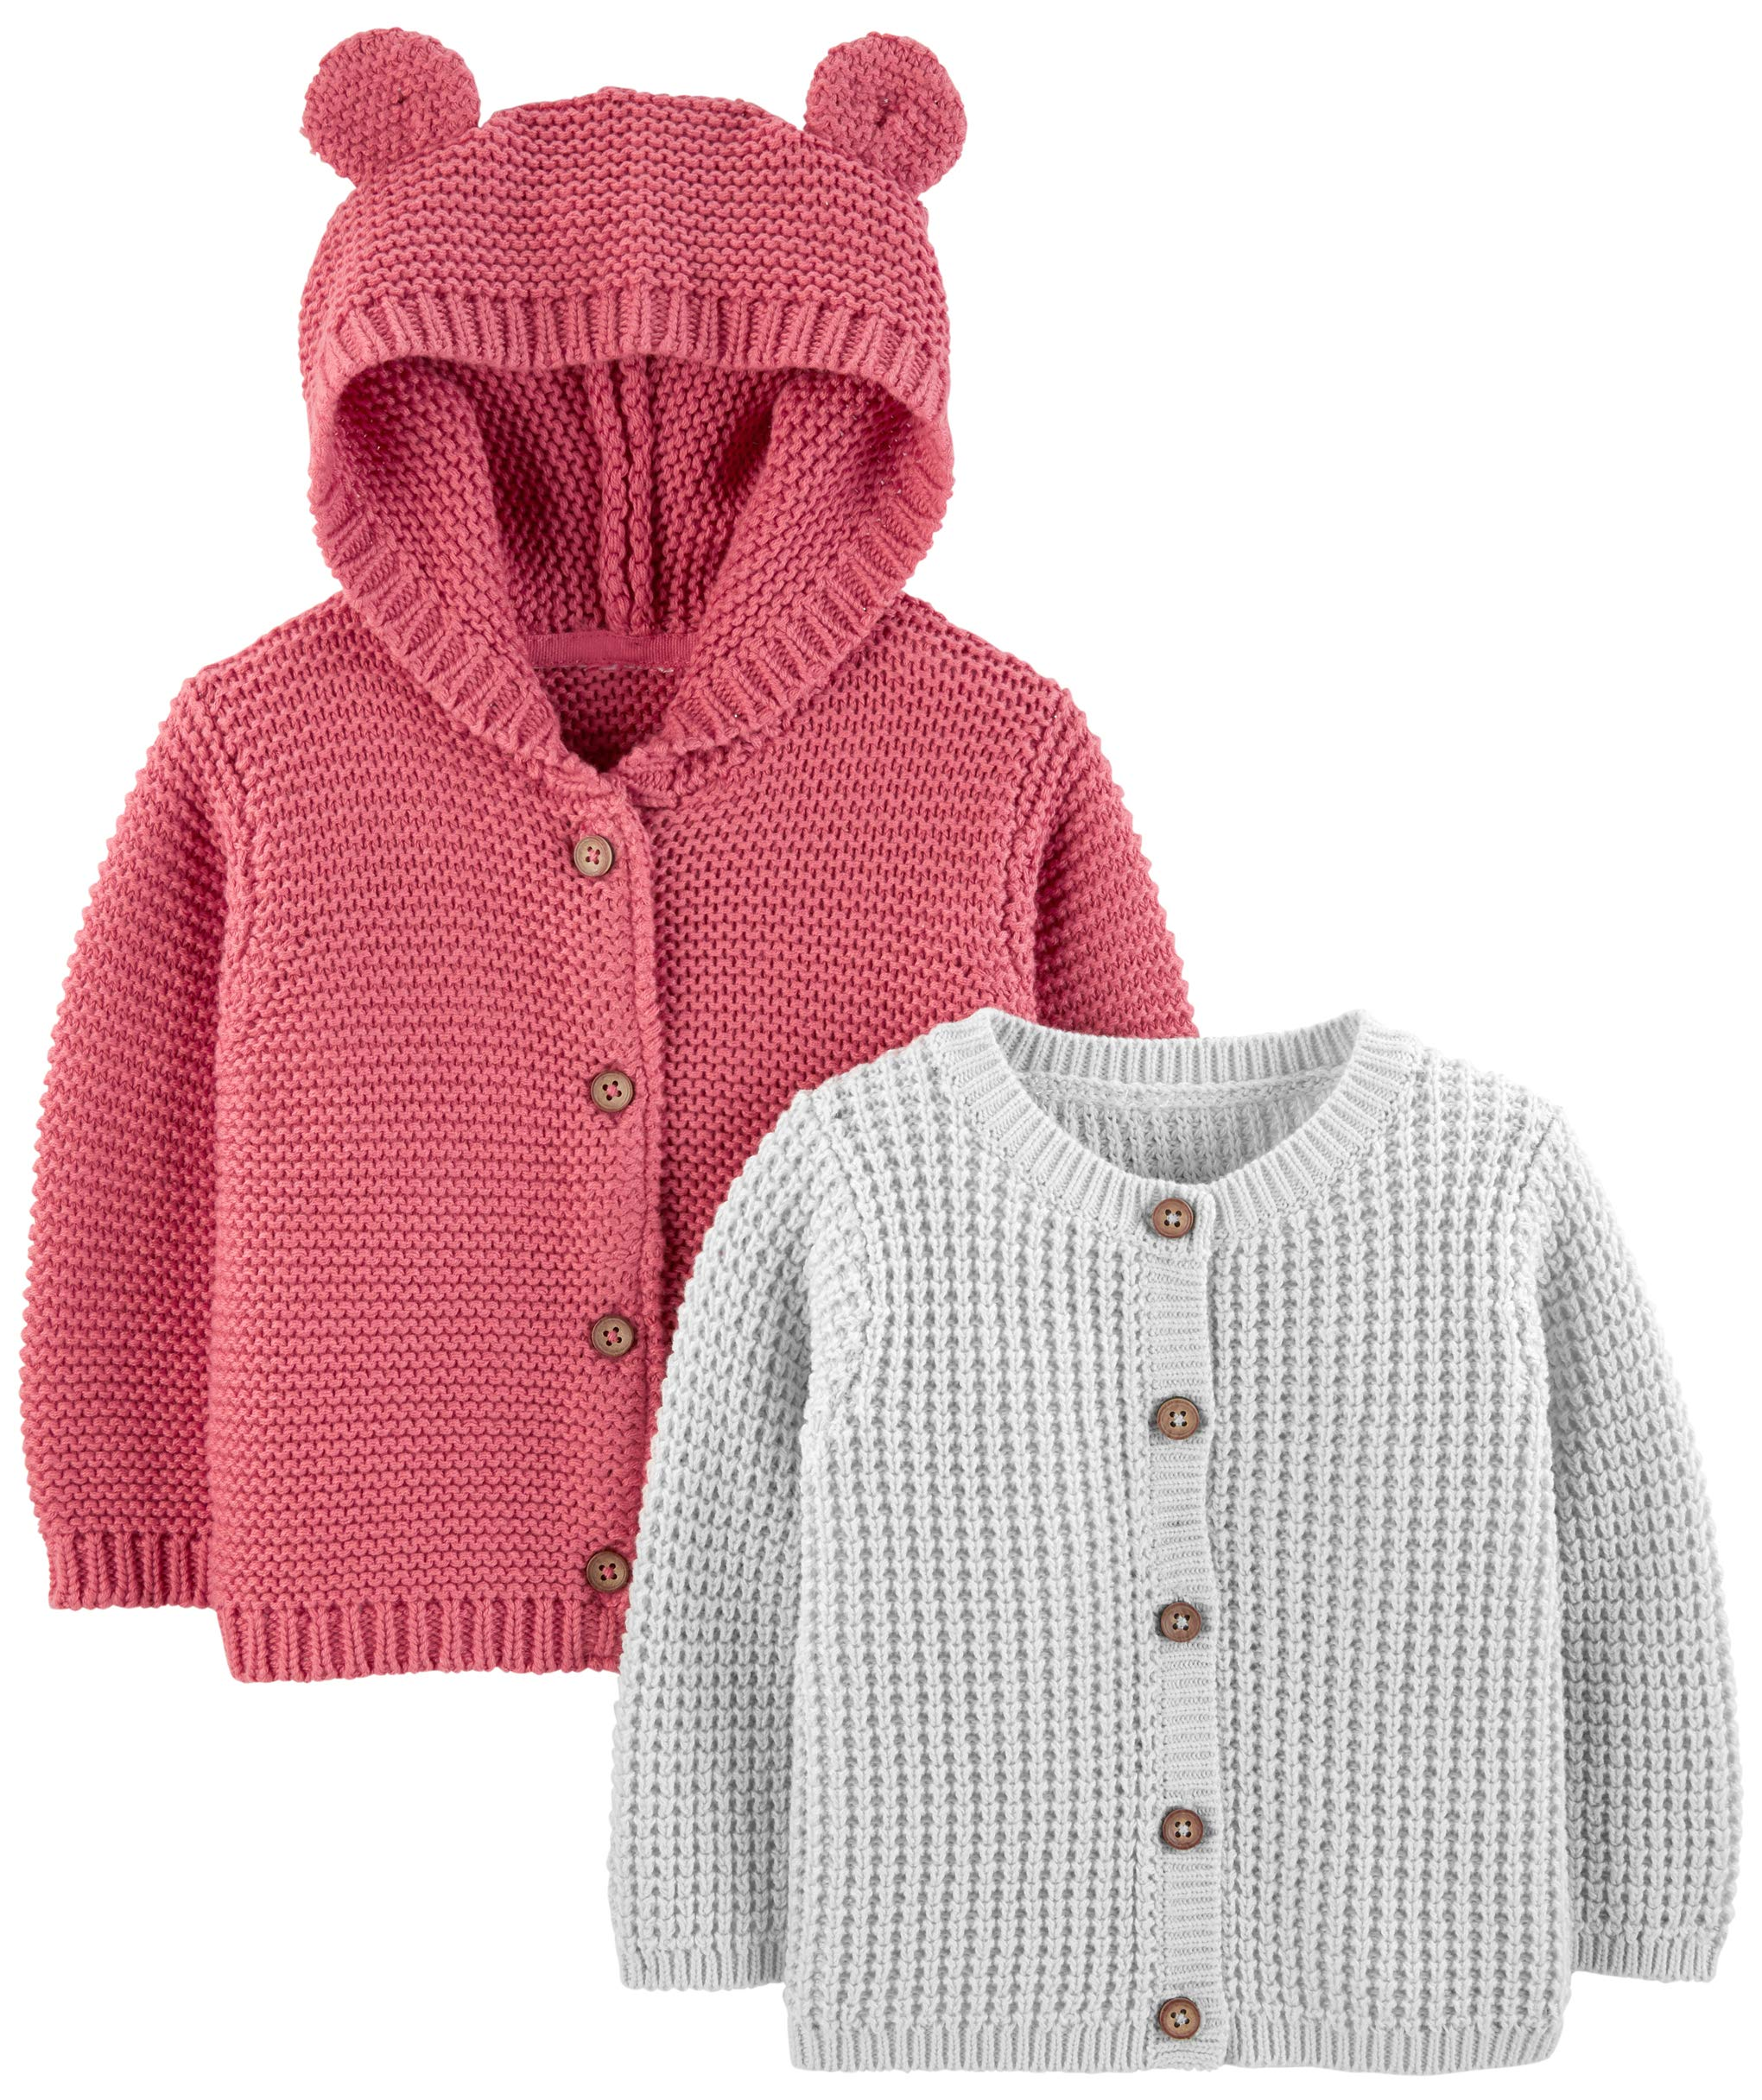 Simple Joys by Carter's Baby - Suéter de punto para bebé (2 unidades) 1